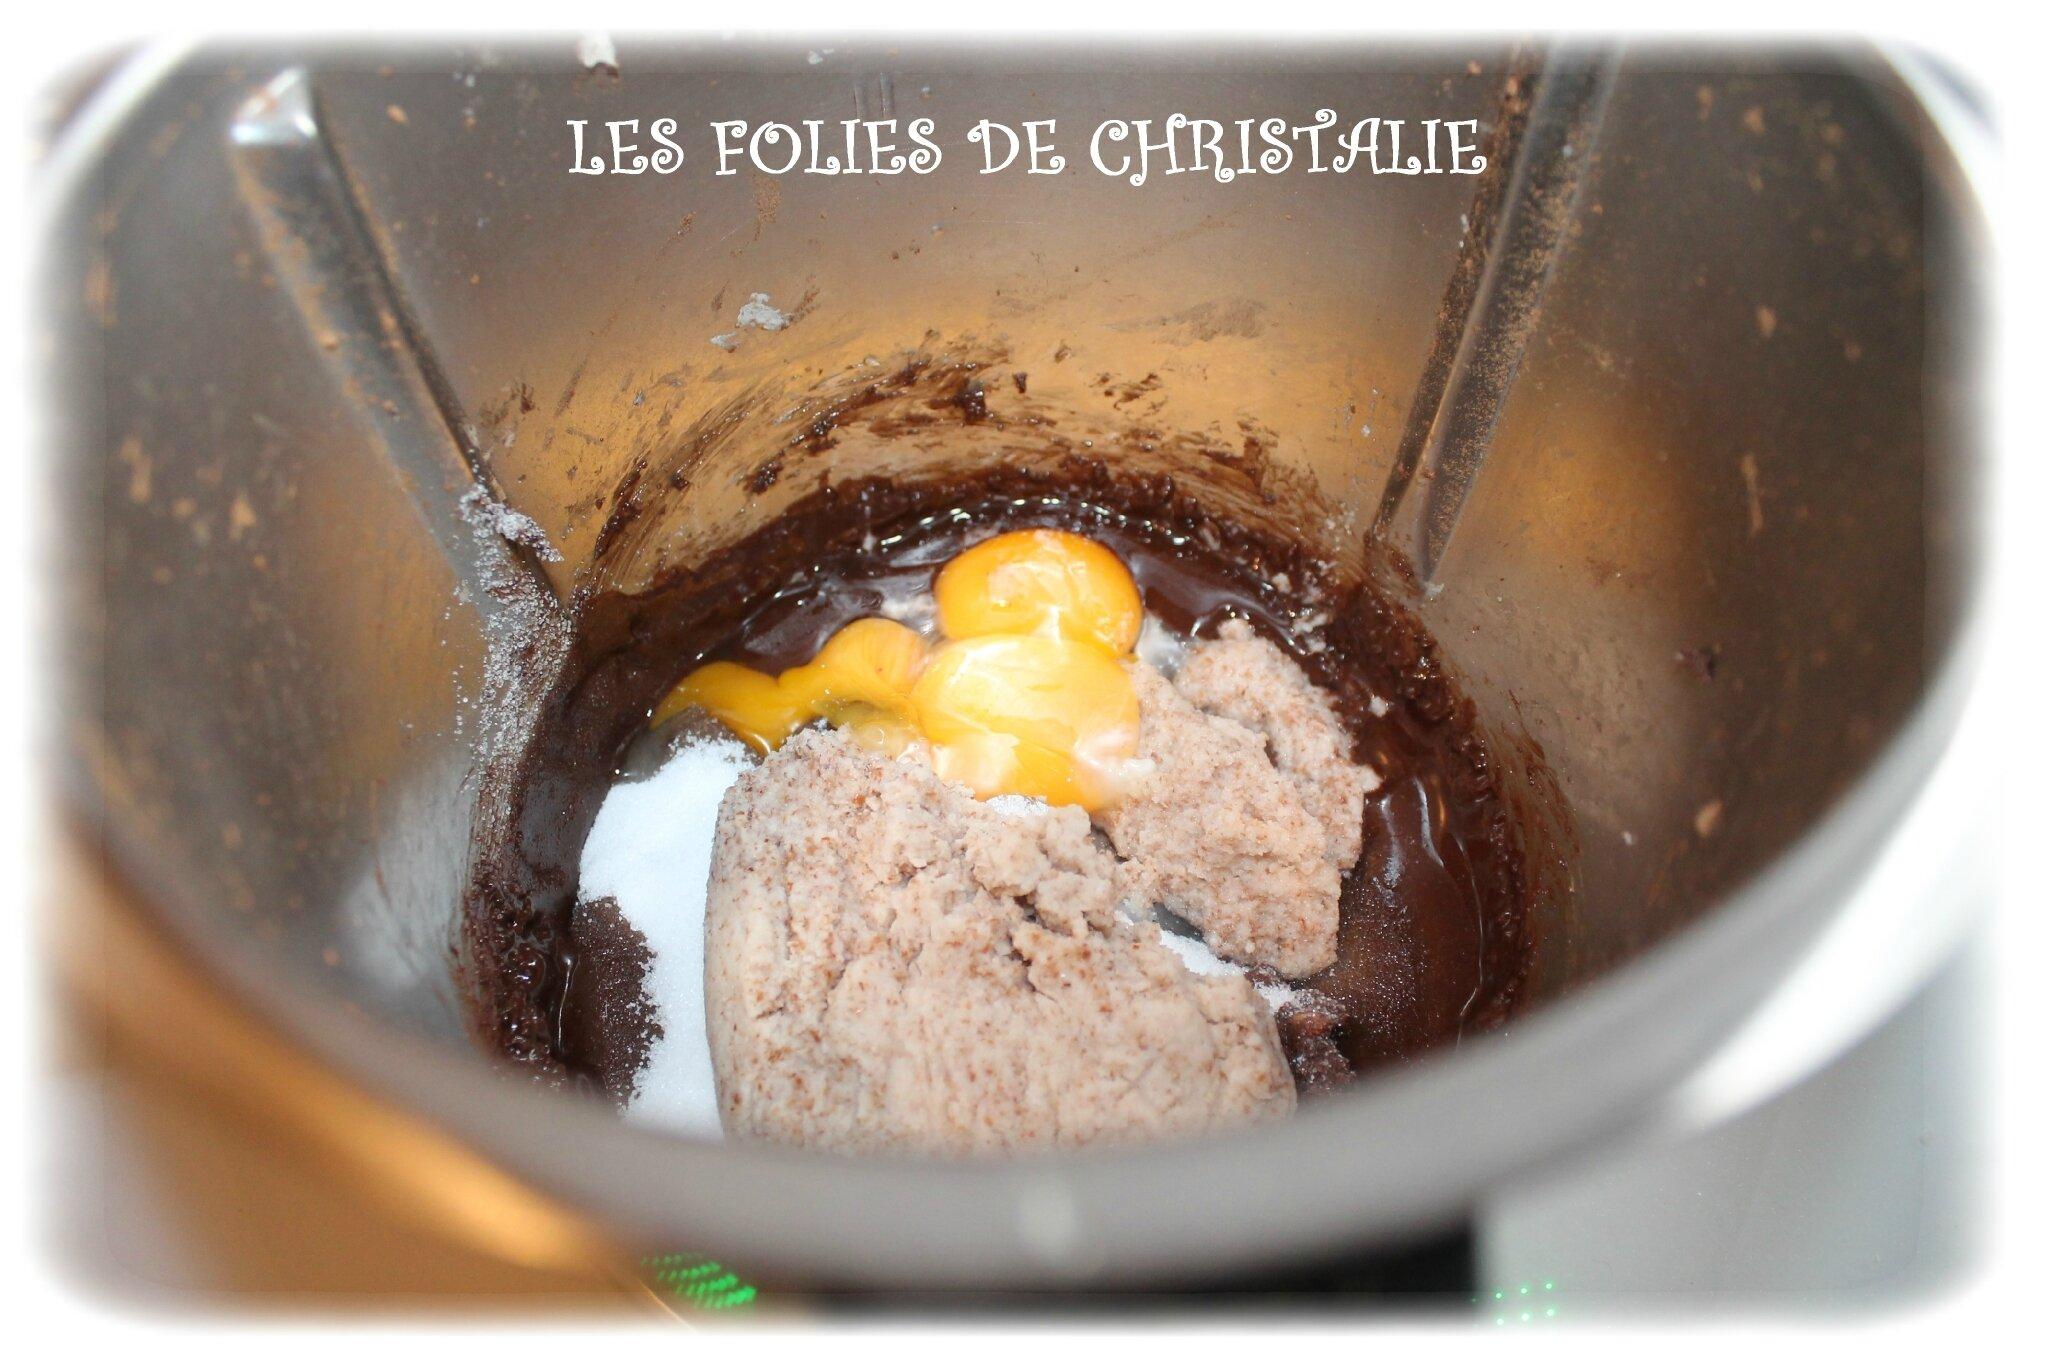 Gateau moelleux au chocolat et cerise